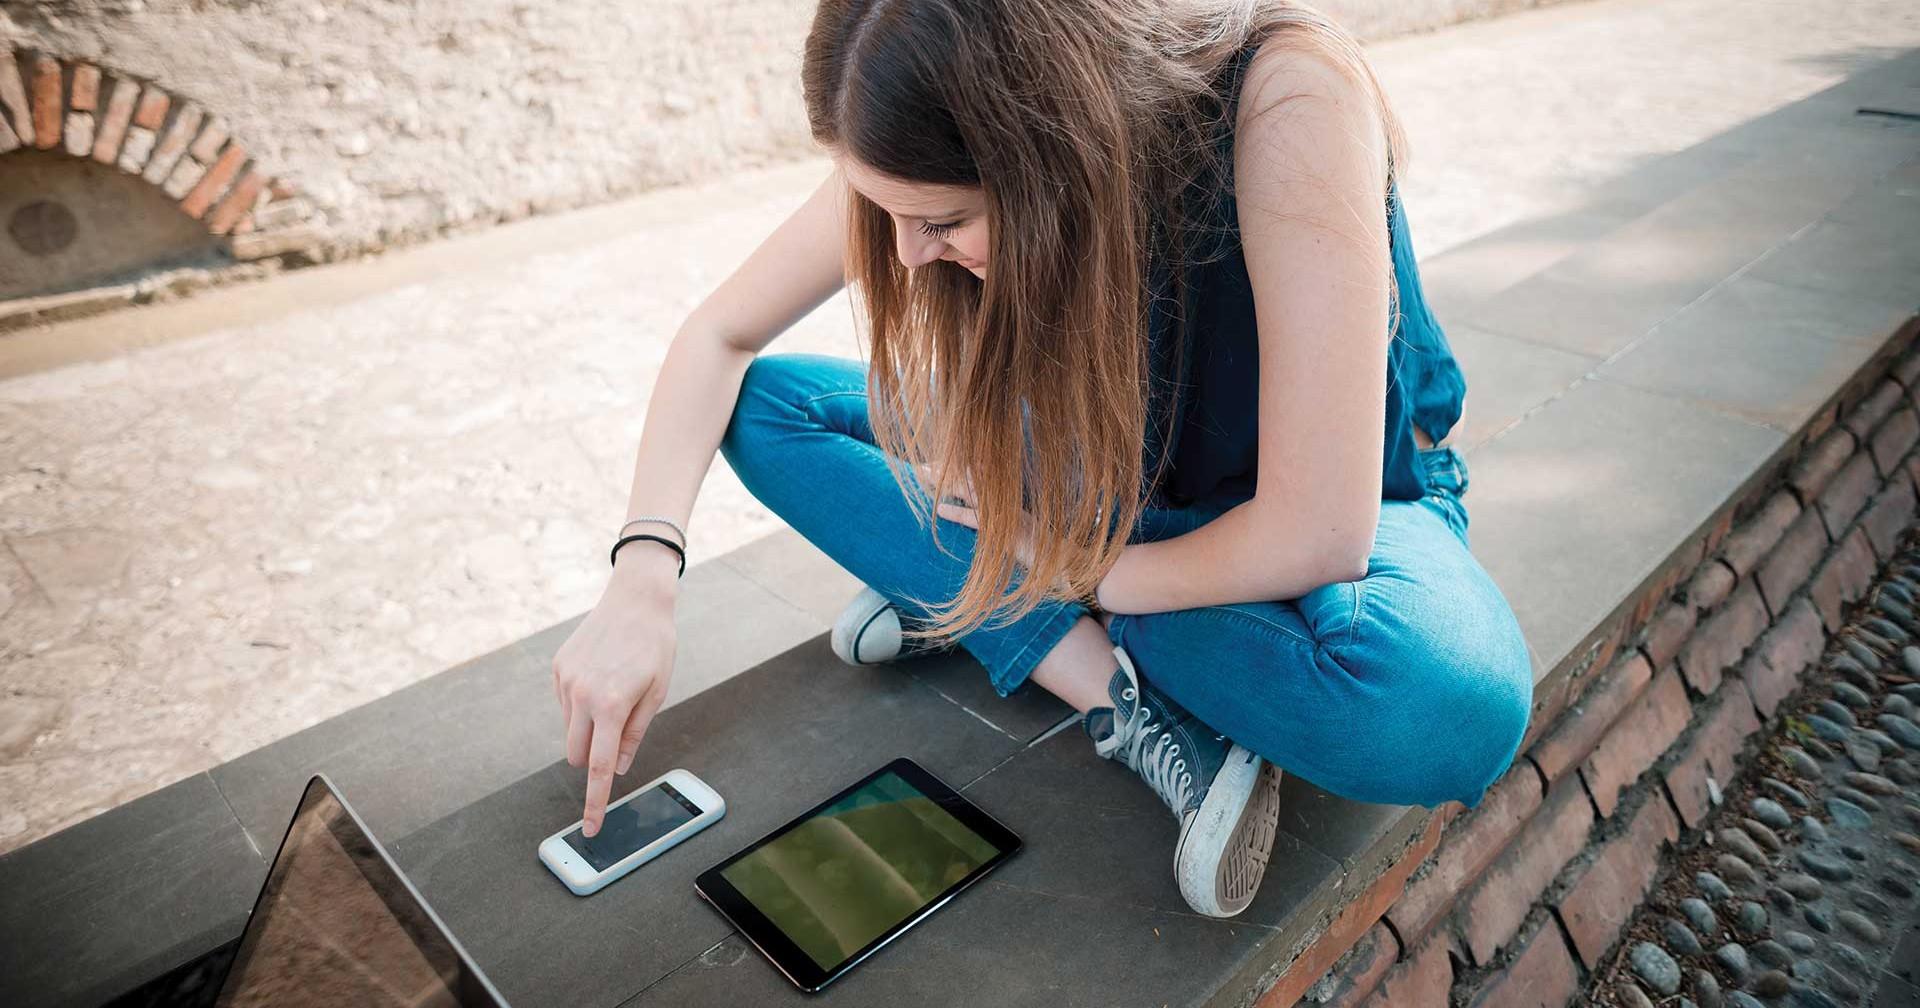 携帯電話とタブレットを使用する若い女性